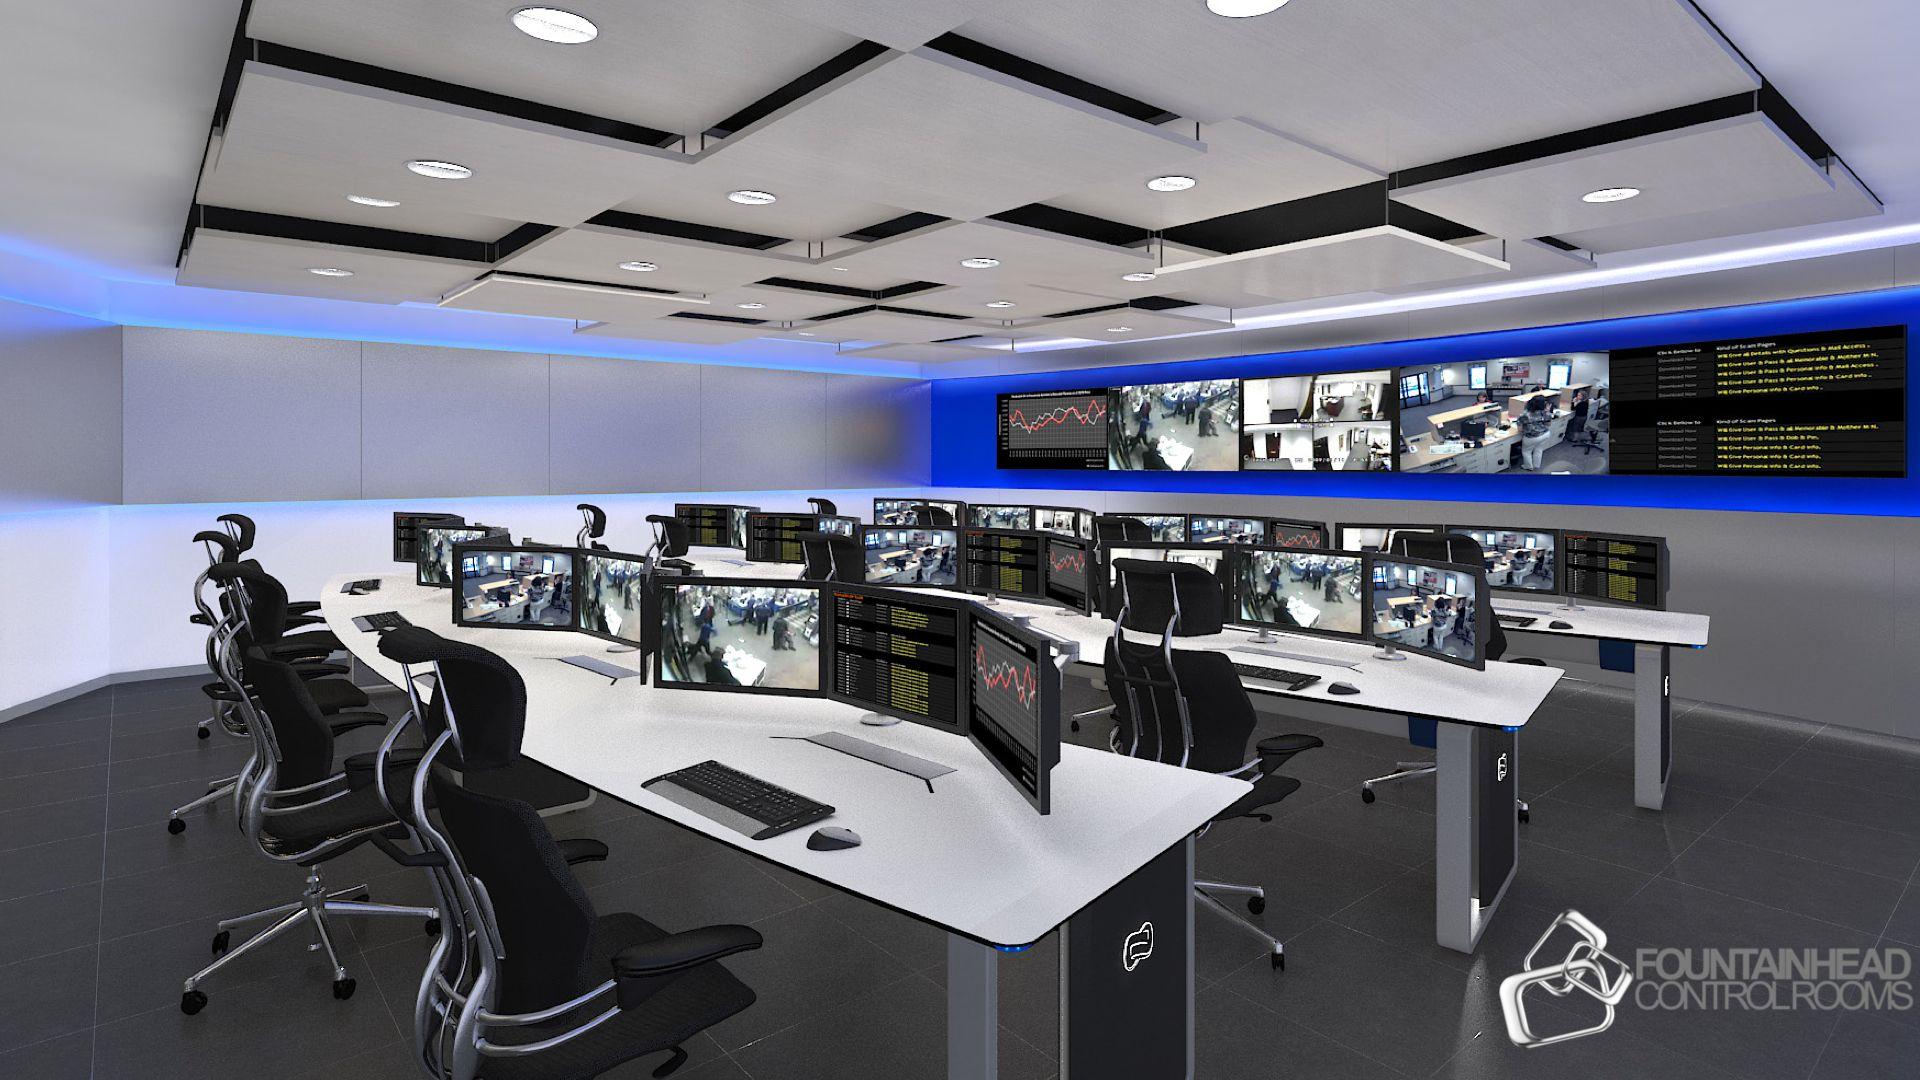 NOC Furniture Design Solution. NOC Control Room Design. 24